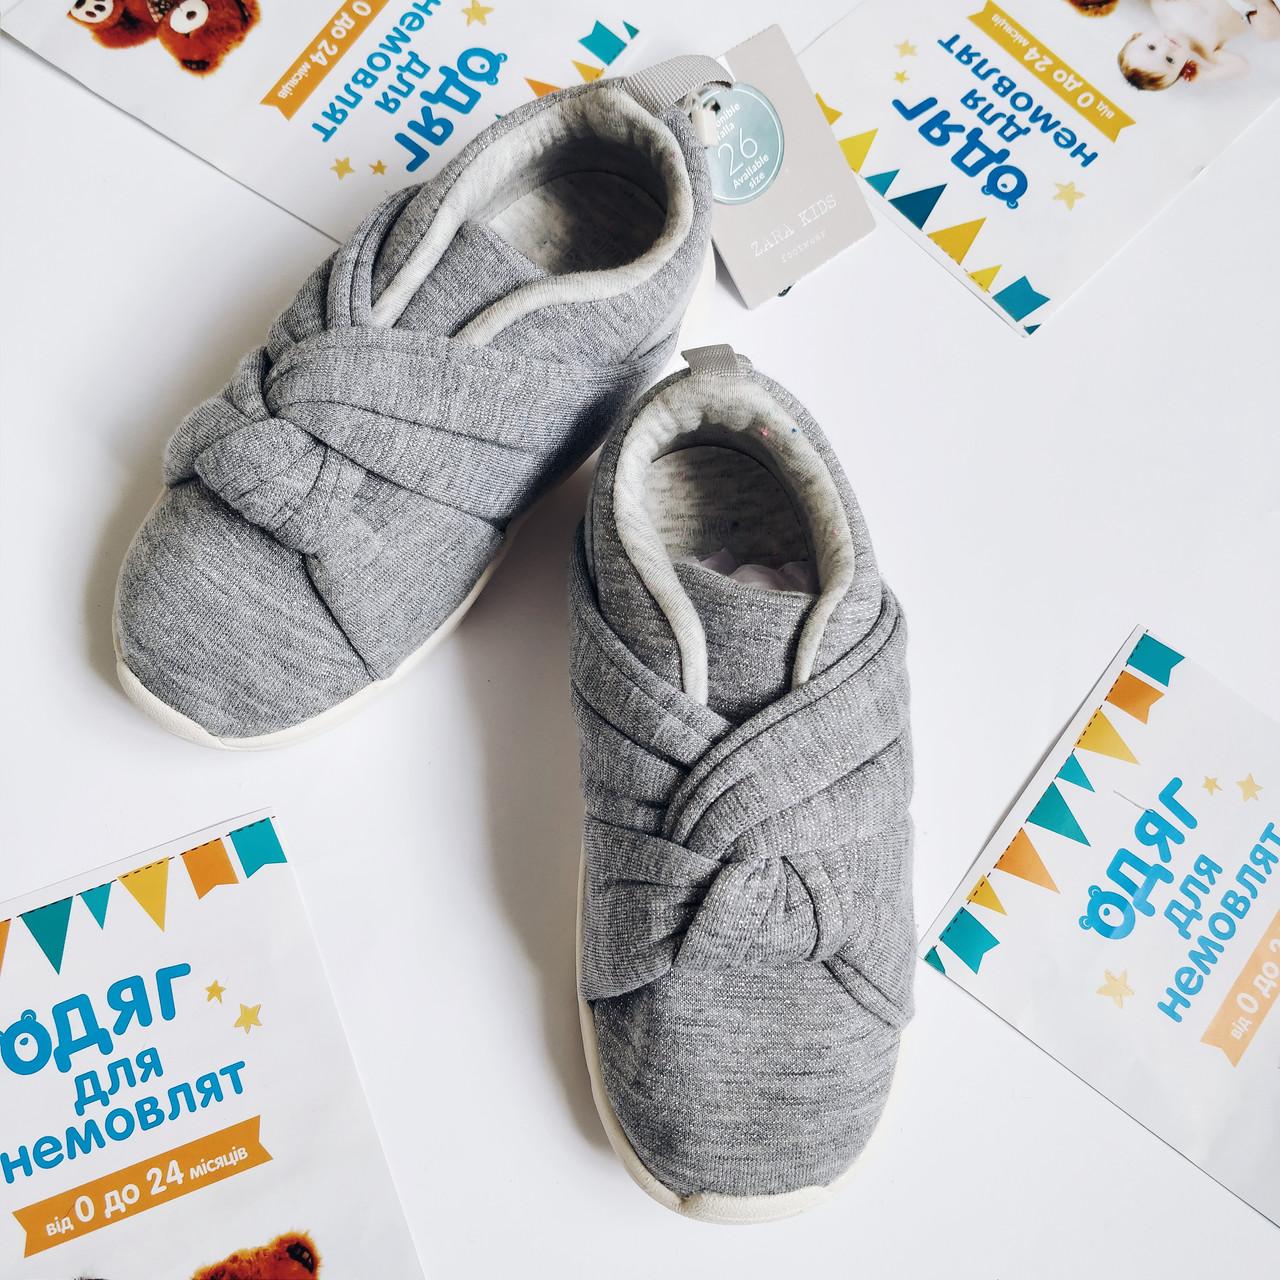 71f18138 Детские кроссовки для девочки Zara 25 р,26 р, цена 545 грн., купить в  Запорожье — Prom.ua (ID#741393210)